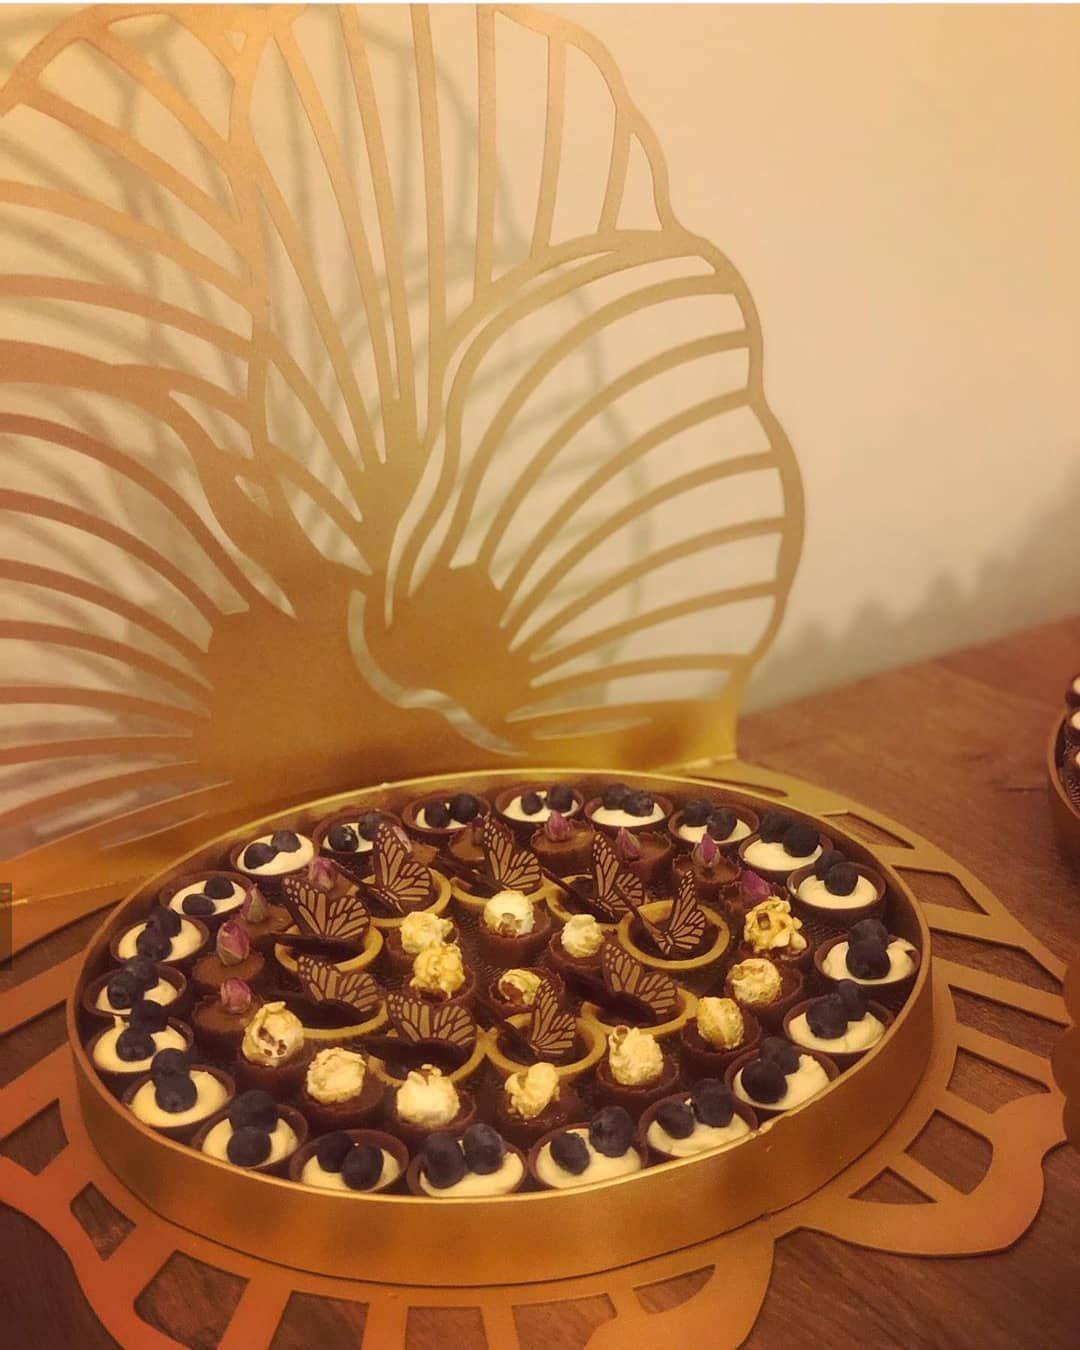 صواني تقديم حلا ليزر عرض خاص Tuhaf 2030 للطلب والاستفسارات دايركت اتصال 0543156764 توزيعات زواج توزيعات مواليد الطائ Celebrities Chocolate Arrangement